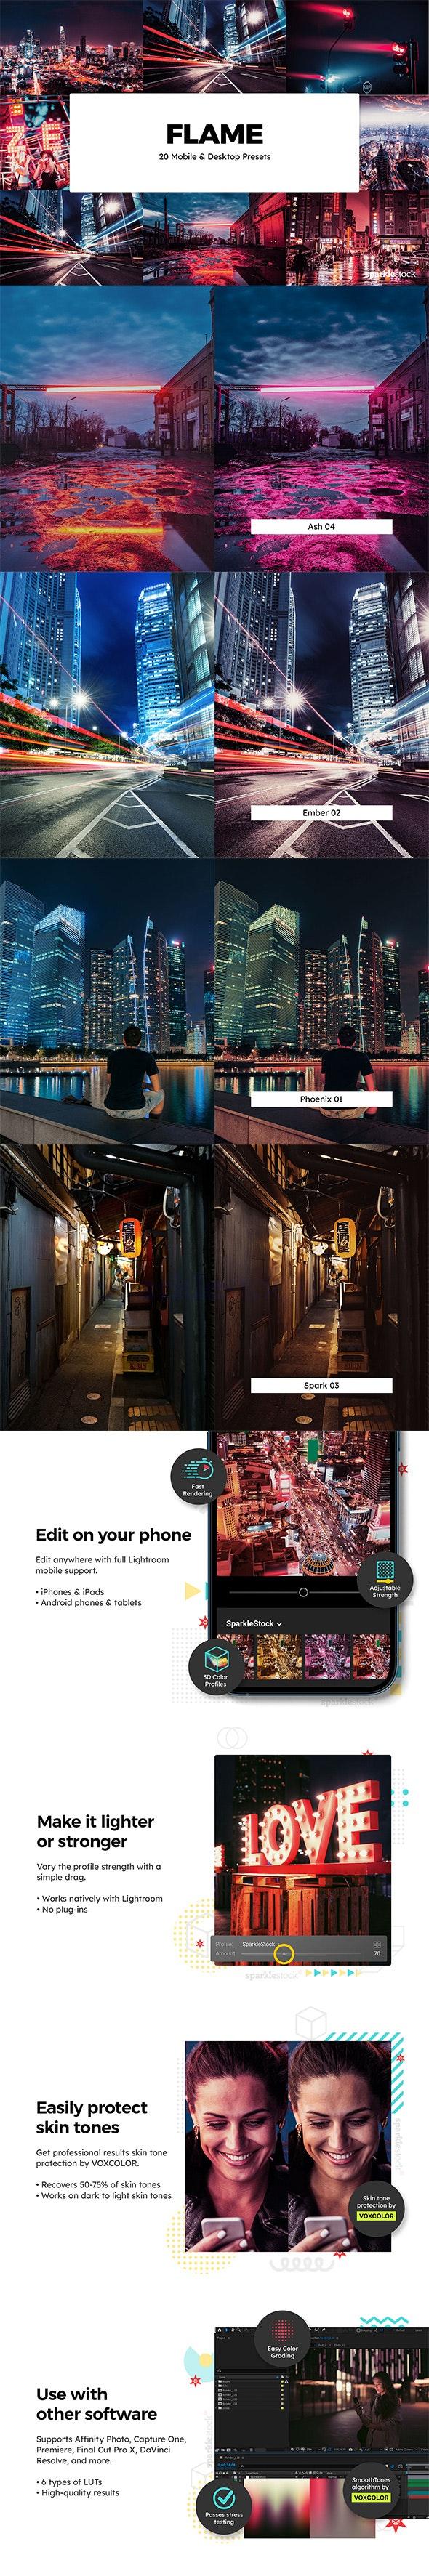 20 Flame Lightroom Presets & LUTs - Lightroom Presets Add-ons